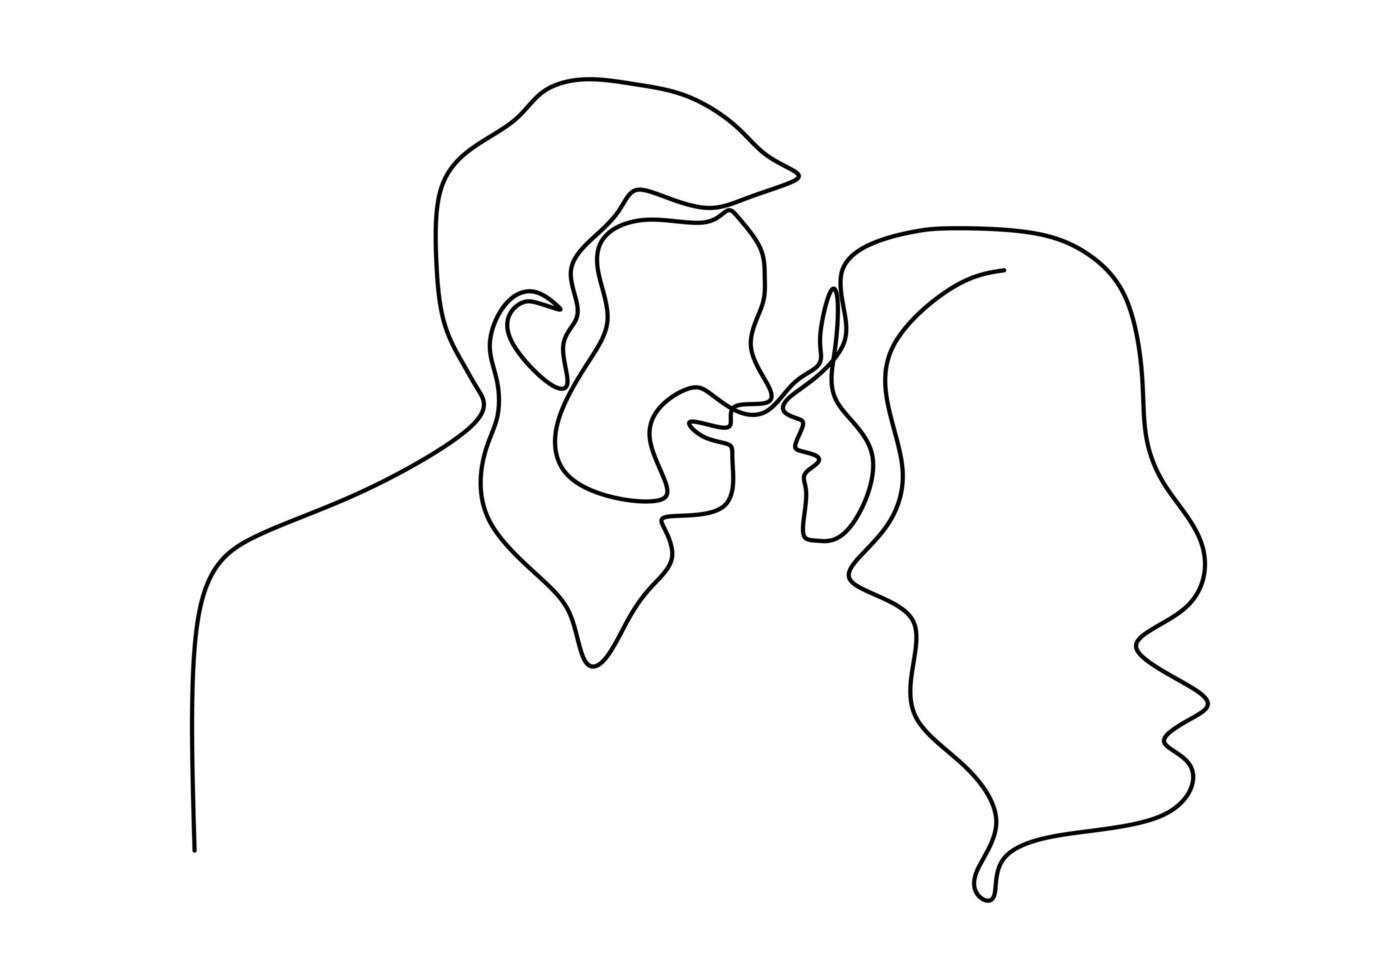 dibujo continuo de una sola línea del beso romántico de dos amantes. Ilustración de vector de boceto dibujado a mano minimalista, bueno para pancarta, póster y fondo del día de San Valentín. concepto de relación.